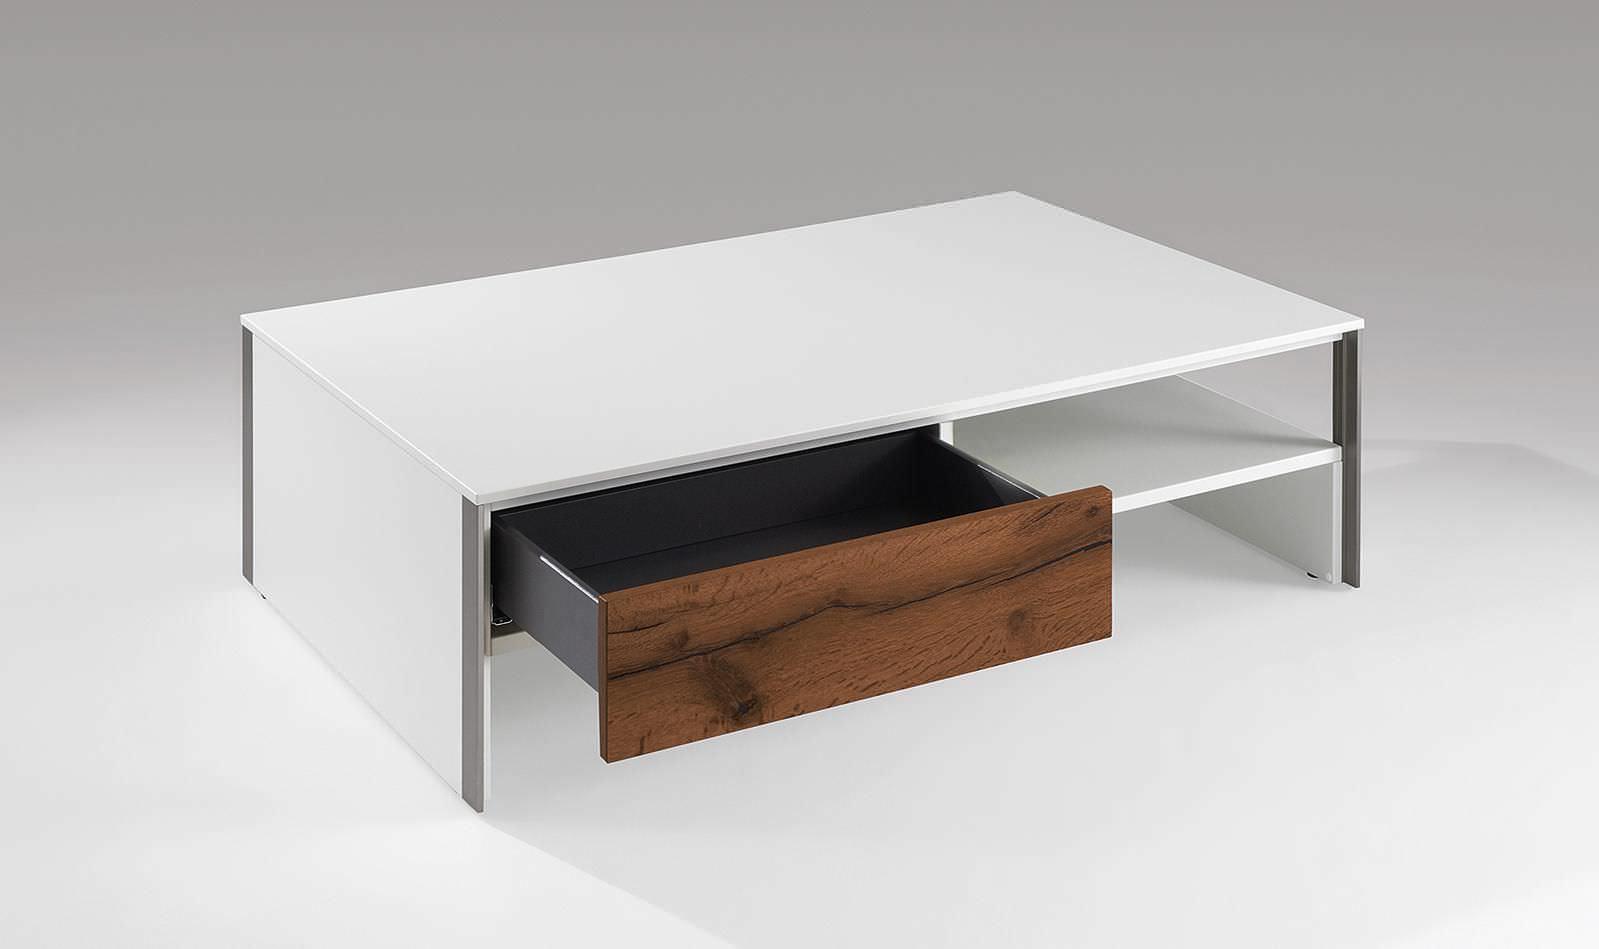 Anspruchsvoll Couchtisch Holz Galerie Von Moderner / / Rechteckig / Innenraum -